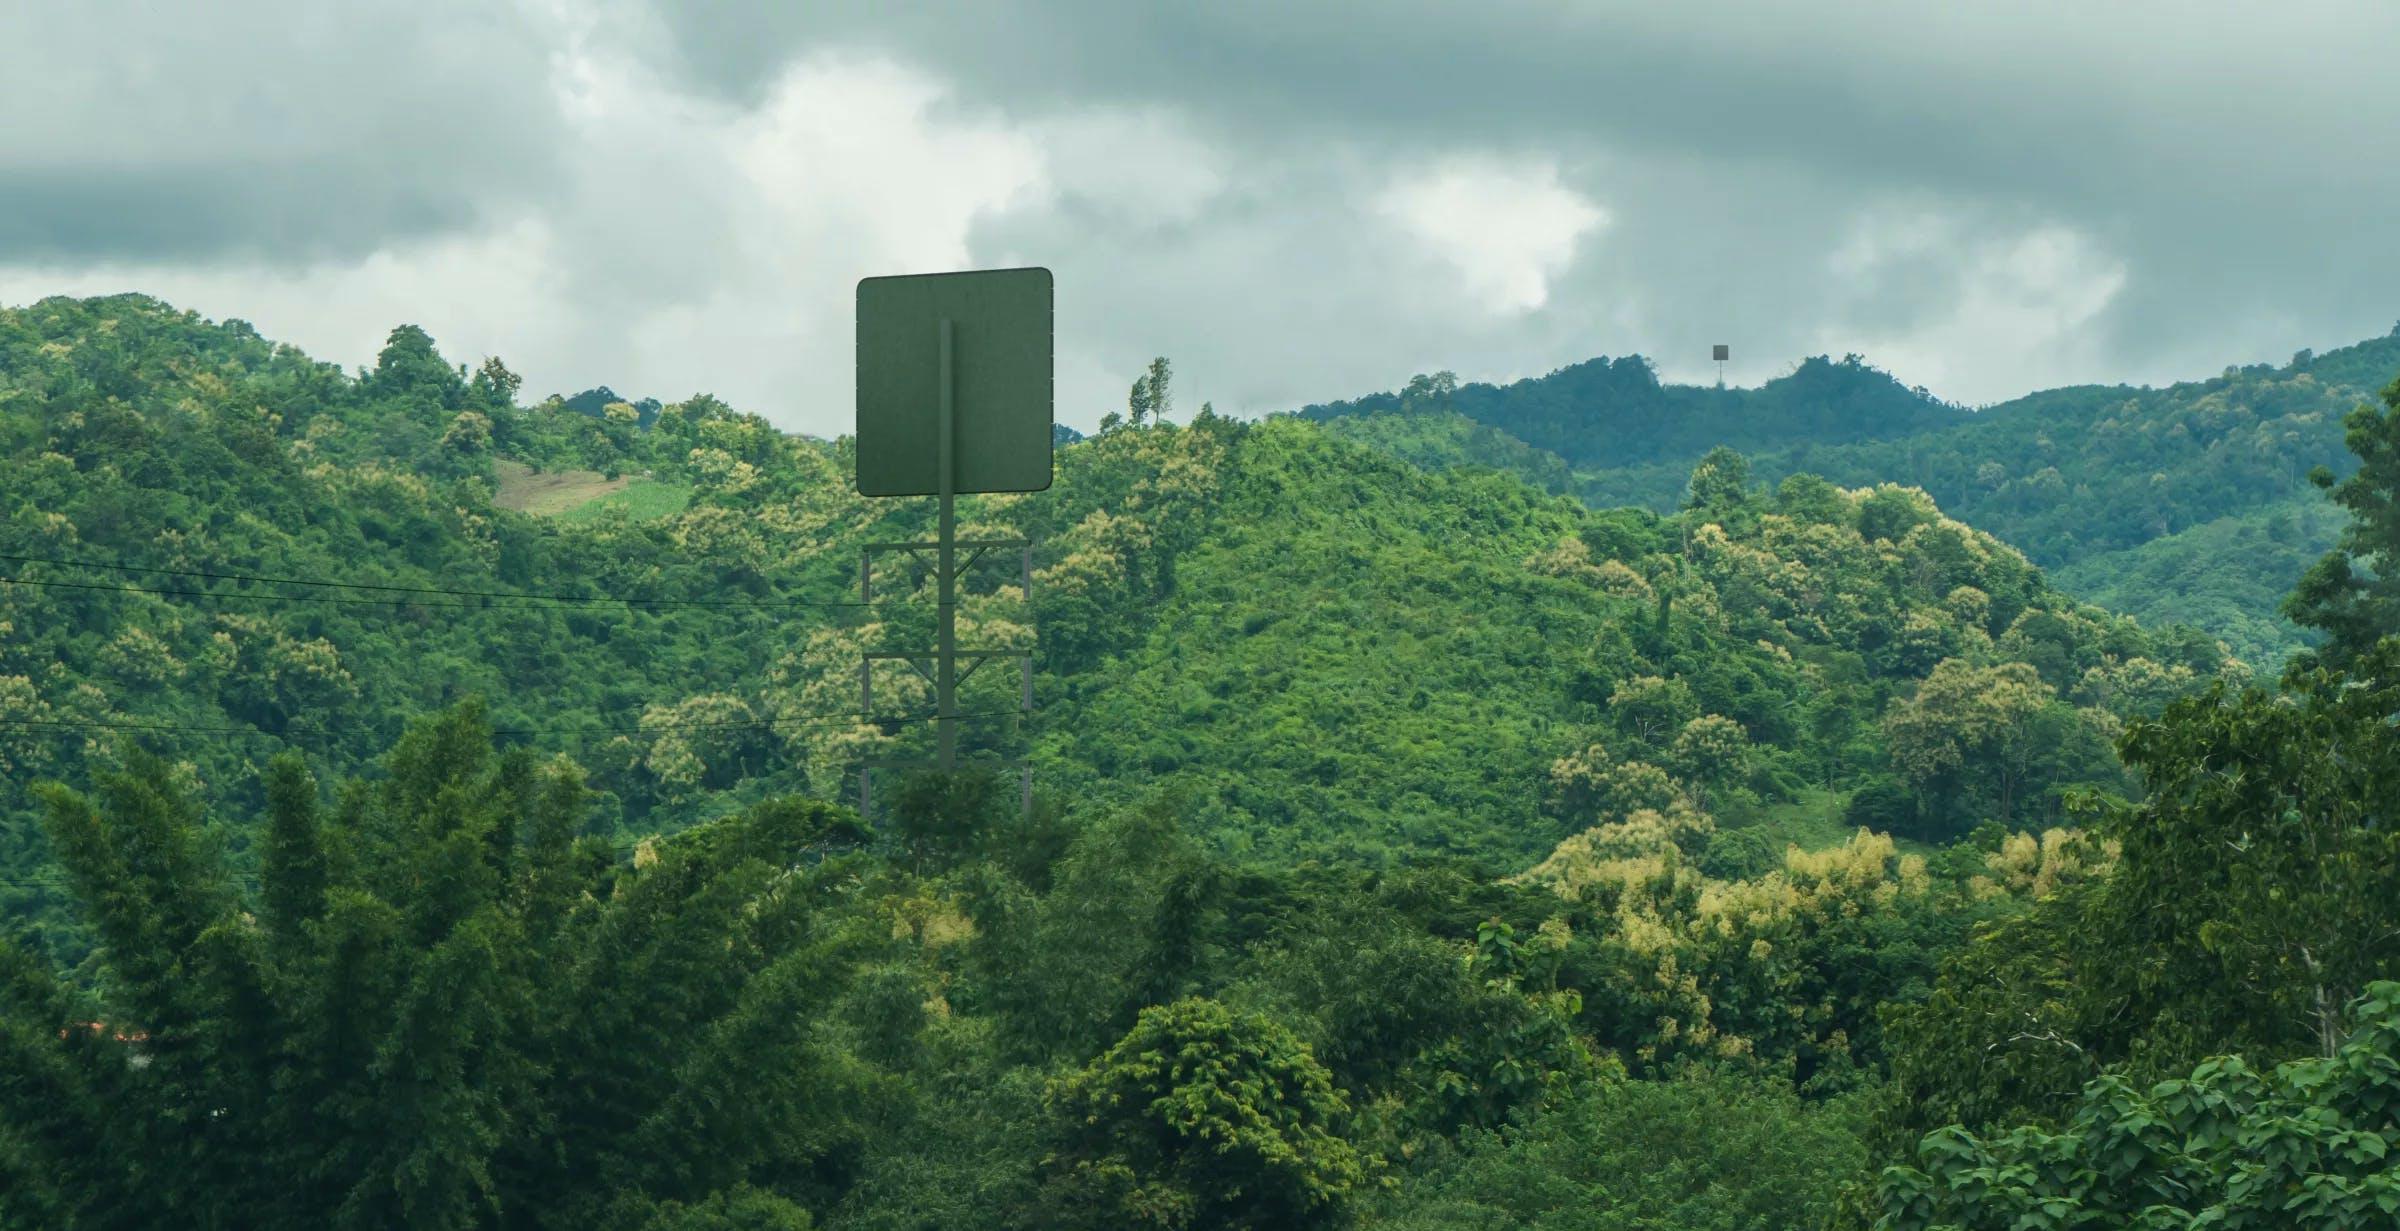 L'elettricità wireless esiste e funziona. Basta tralicci, l'energia viaggia nell'aria a distanza di chilometri